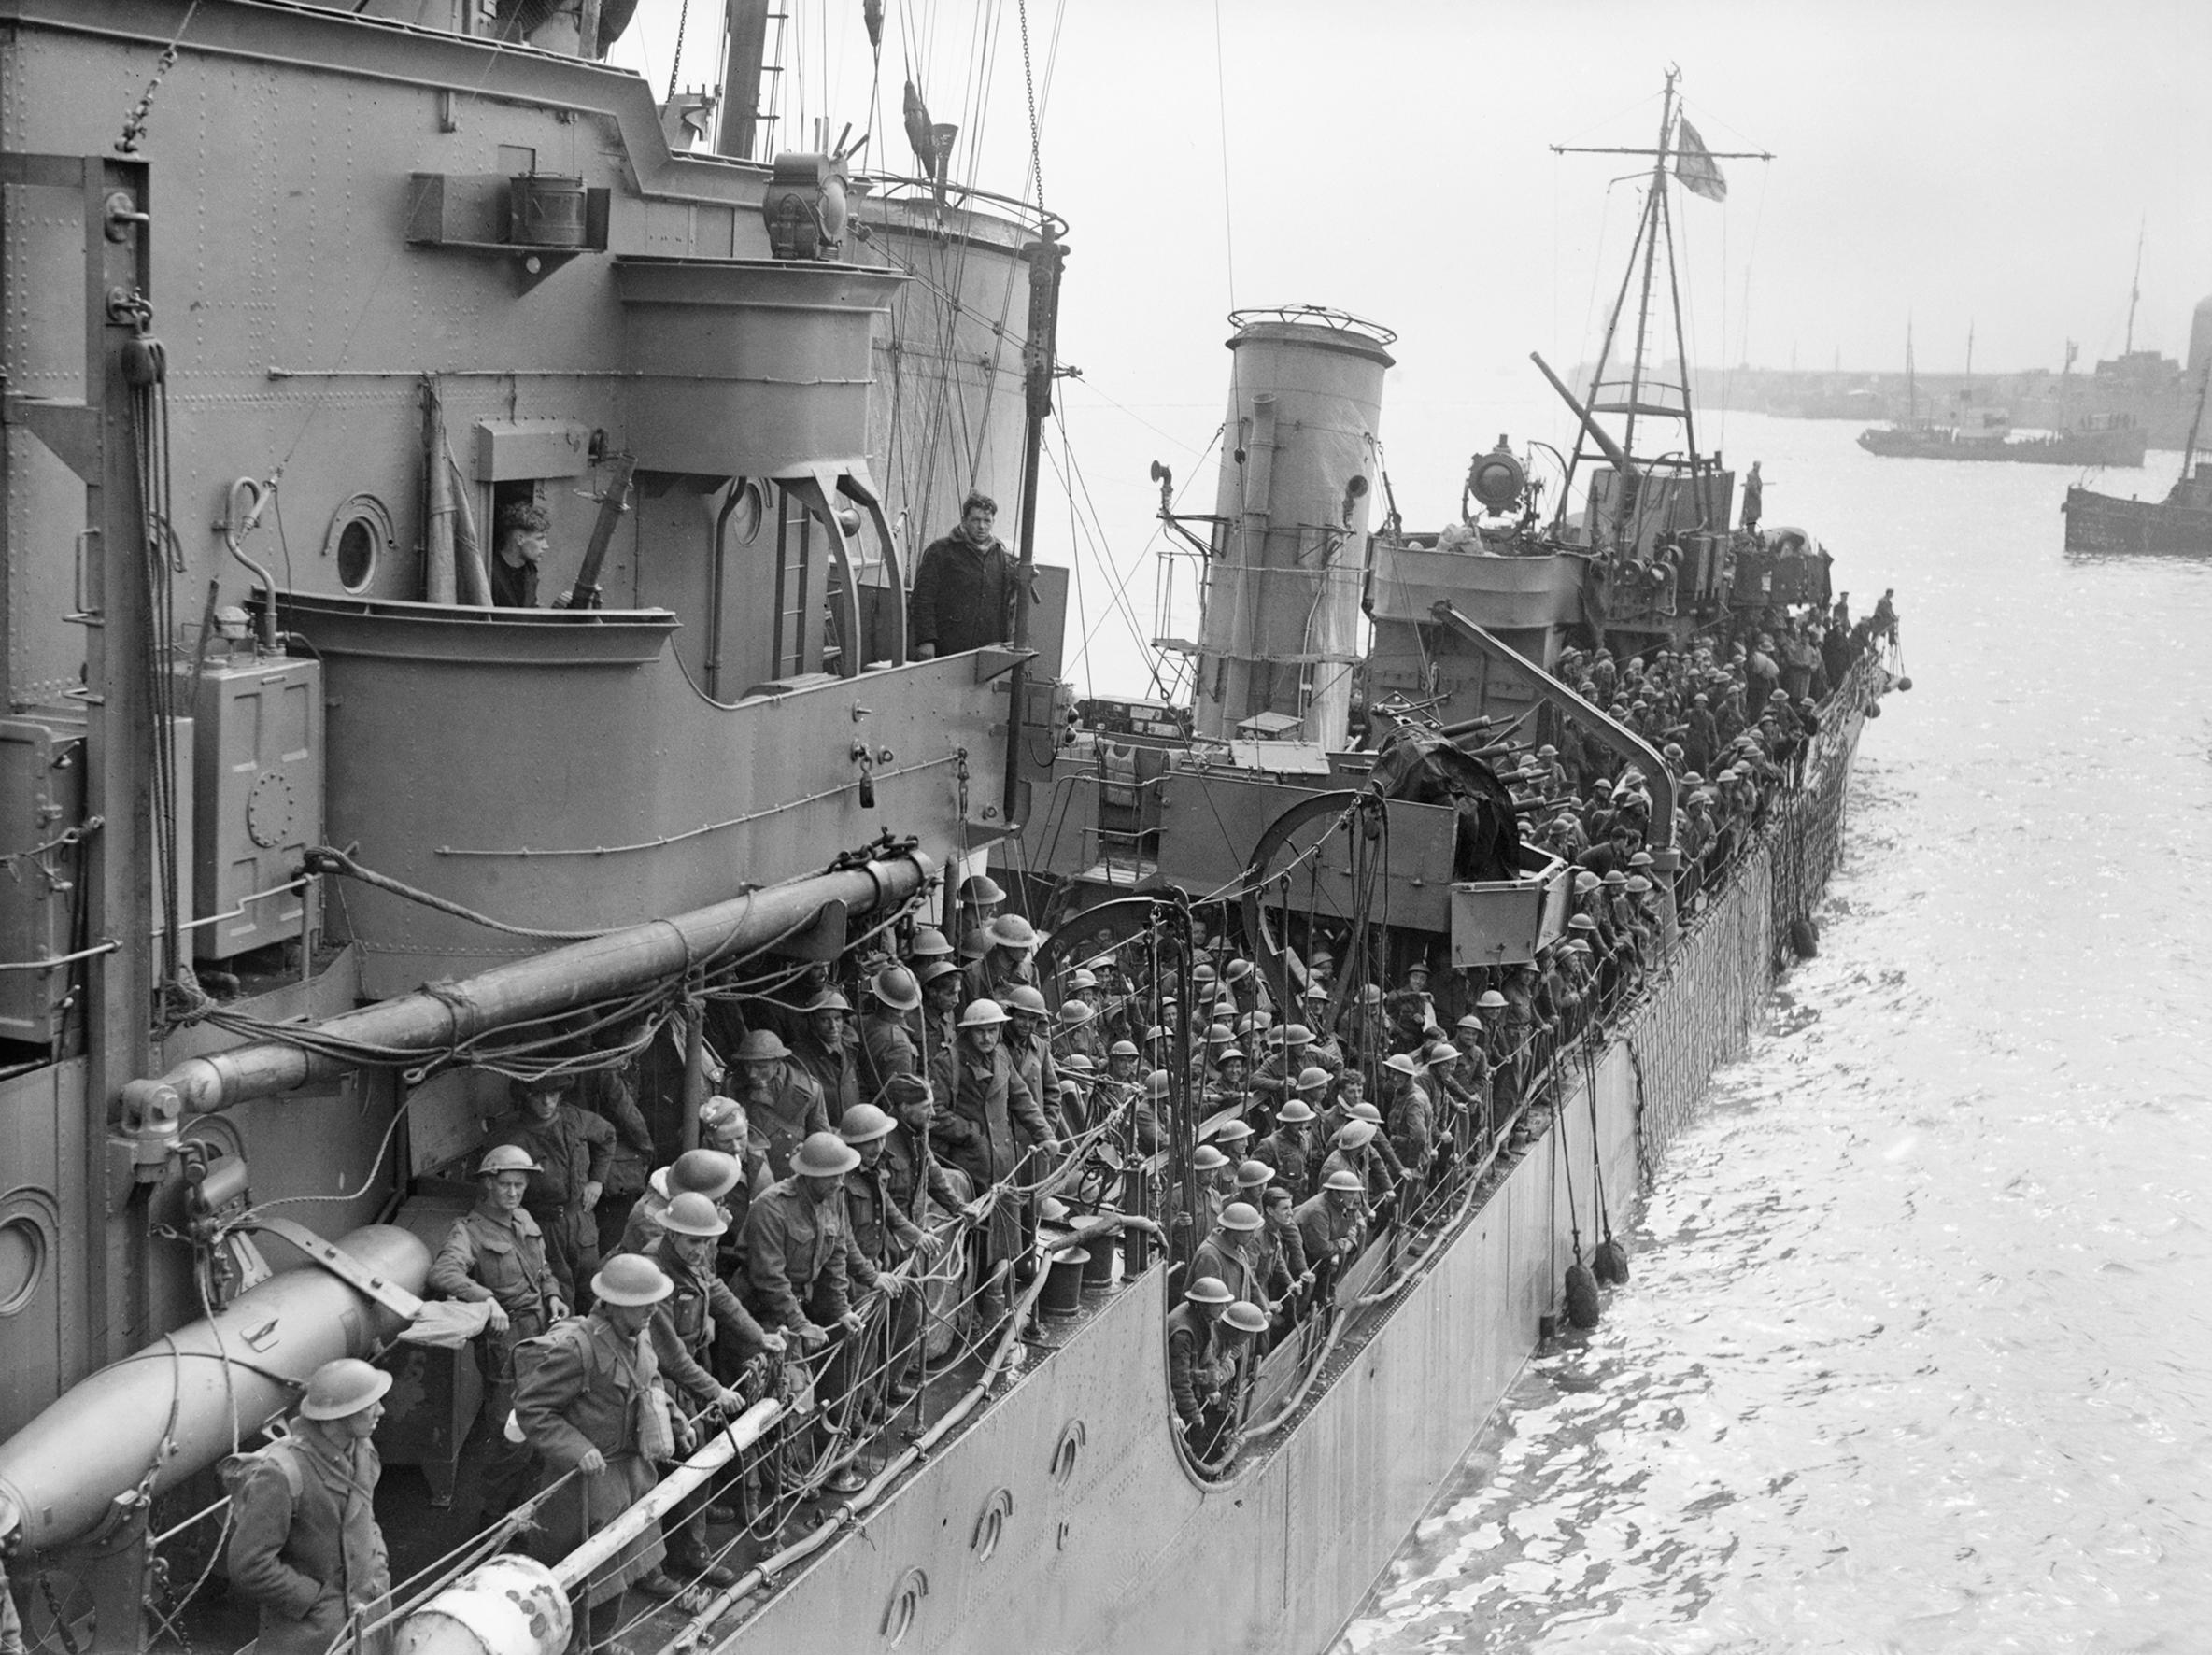 「【第二次世界大戦】ダンケルク、史上最大の撤退戦を分かりやすく解説」のアイキャッチ画像